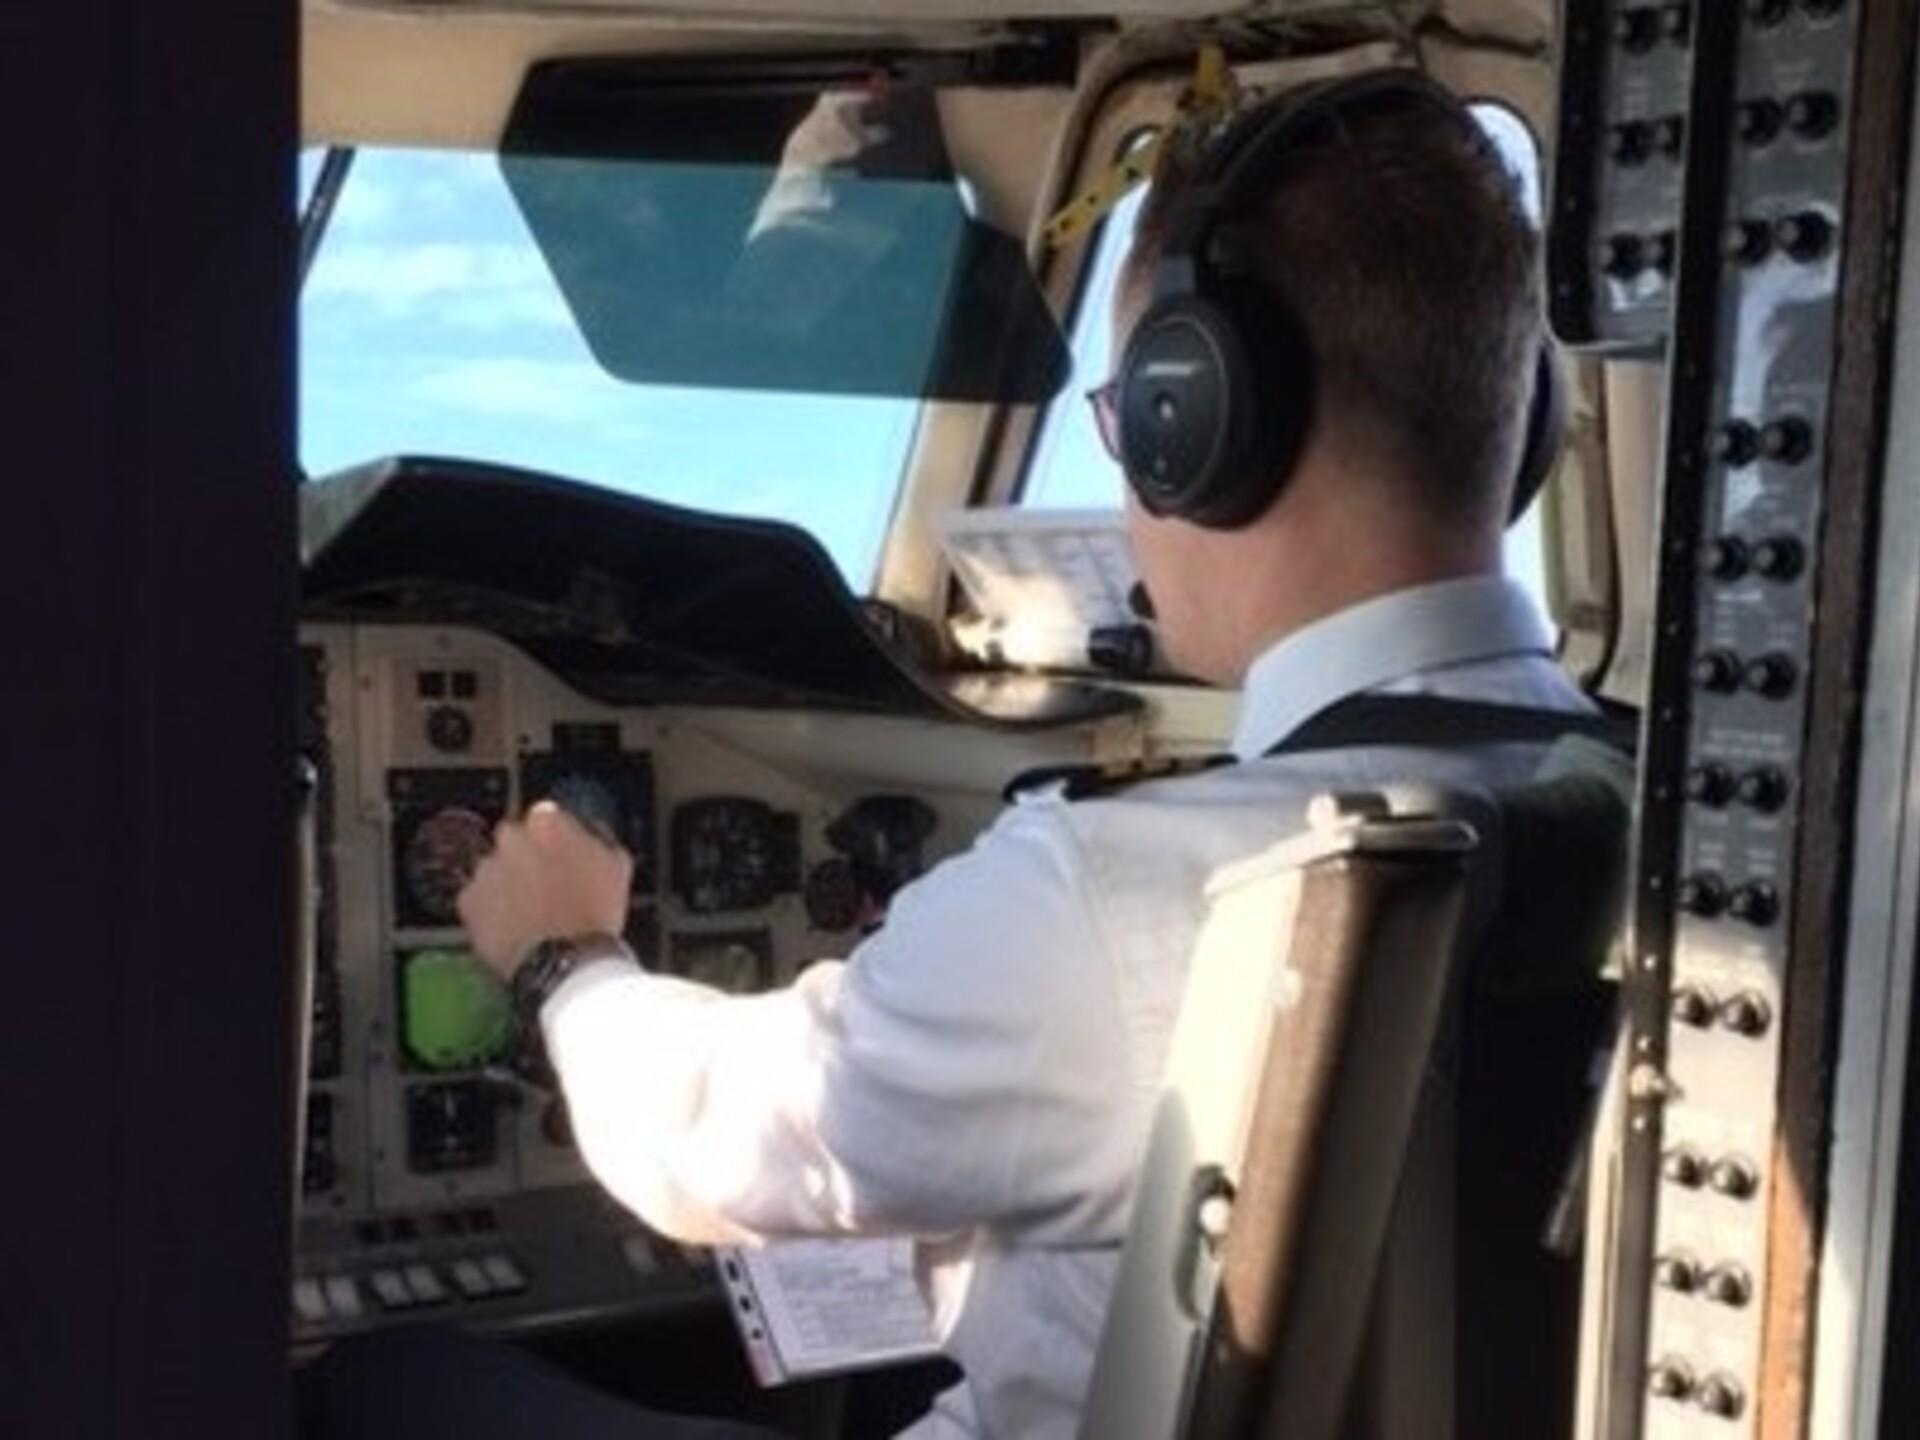 Suurenenud pilootliikmed Video liikmed parast kasvamist